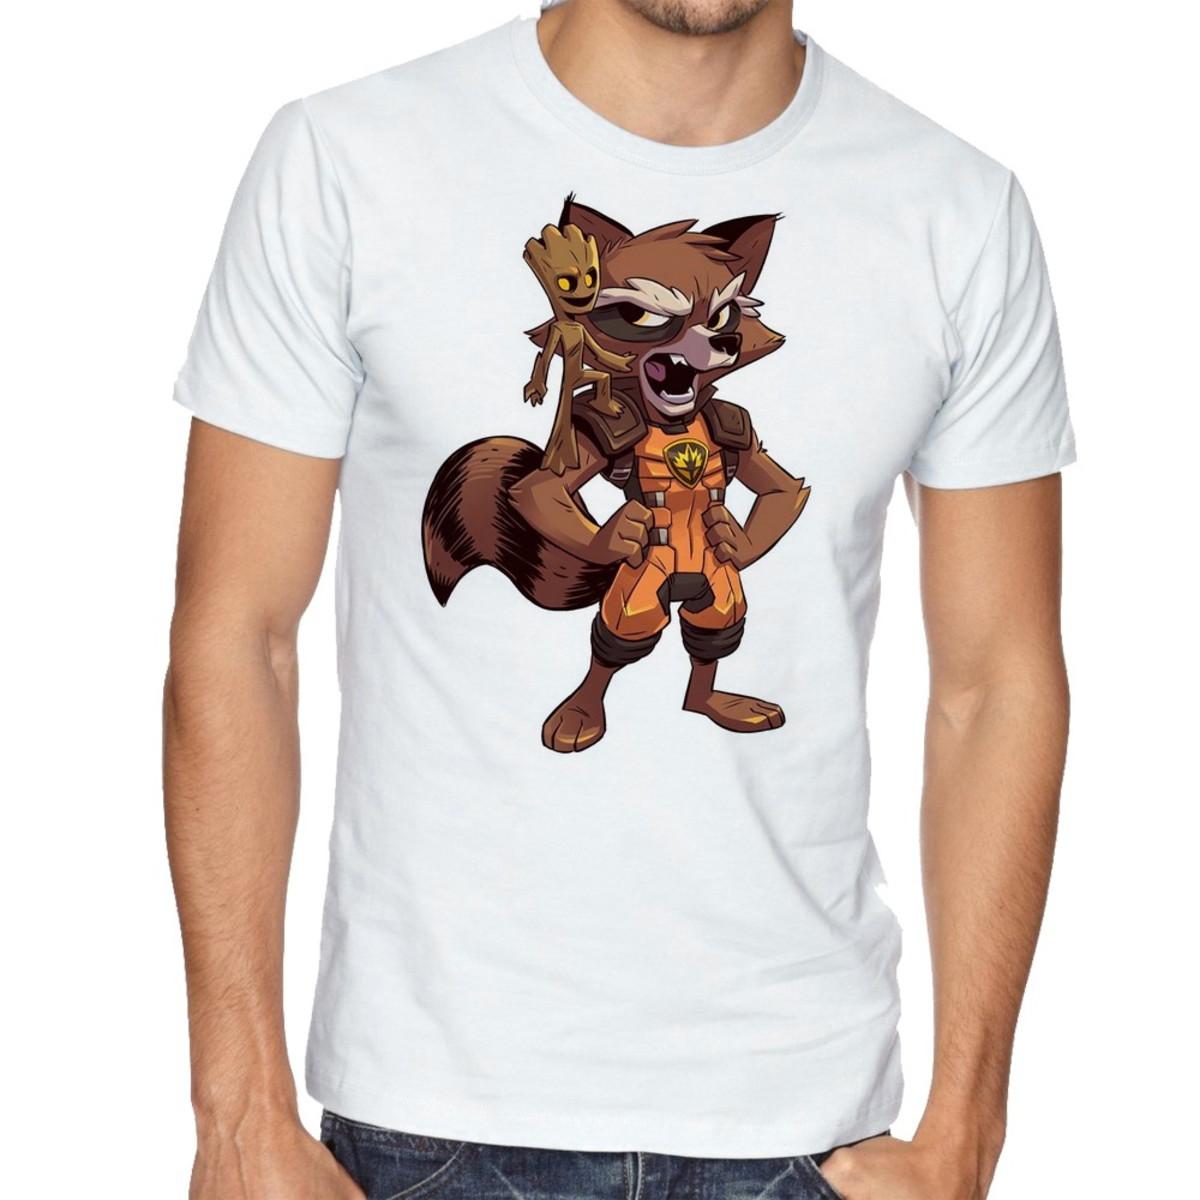 44bfbdc1d6 Camiseta Infantil Blusa Criança GROOT ROCKET Guardiões Galax no Elo7 ...